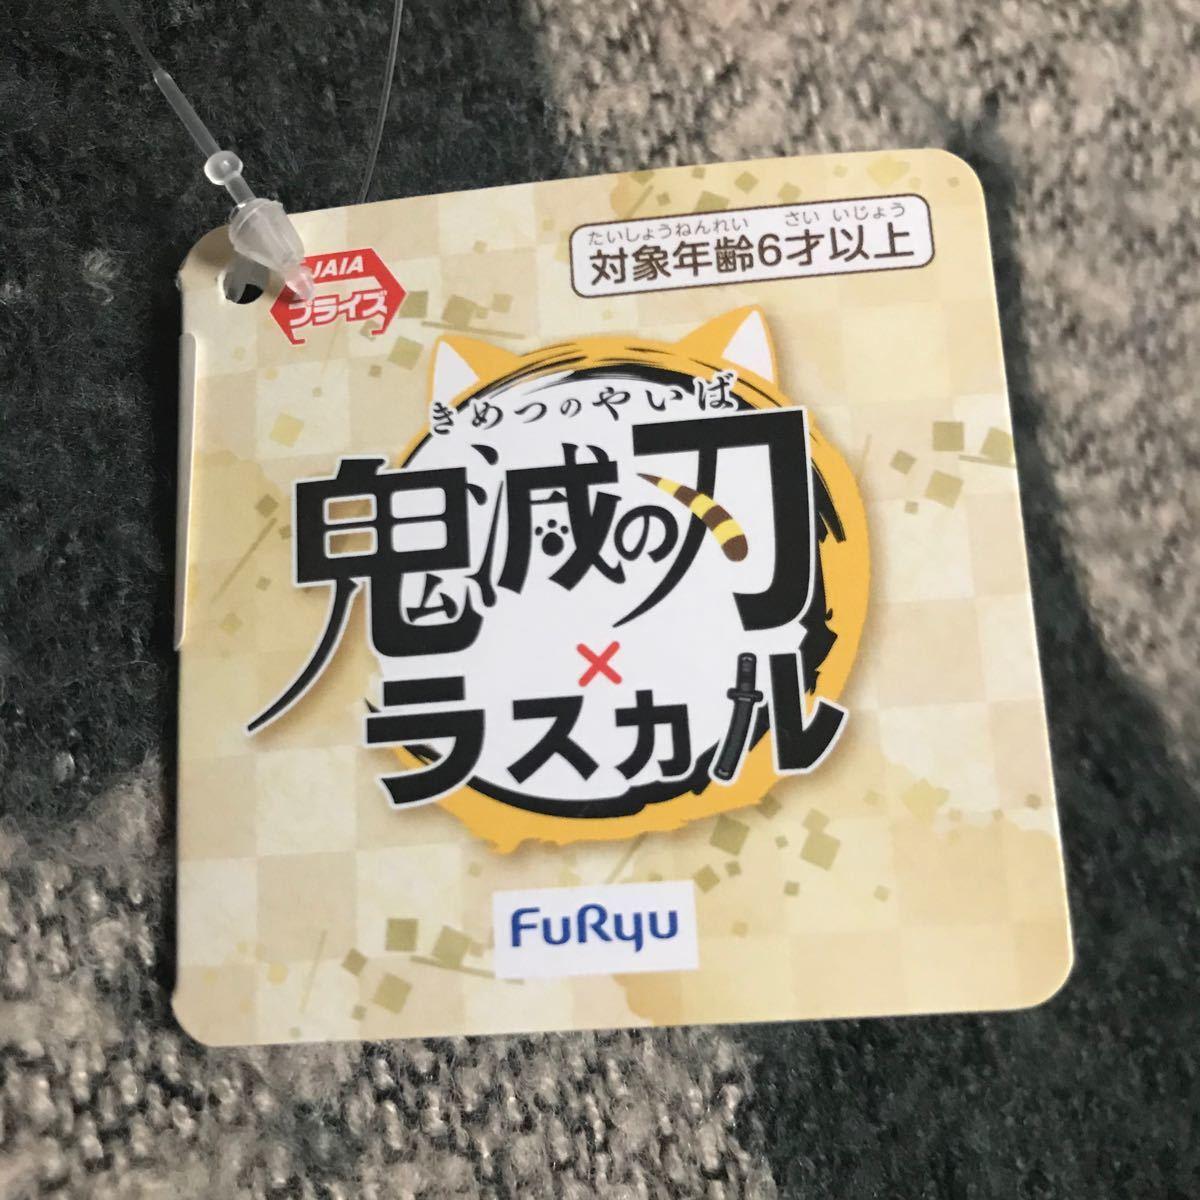 【我妻善逸】鬼滅の刃 × ラスカル スクエアポーチVol.1